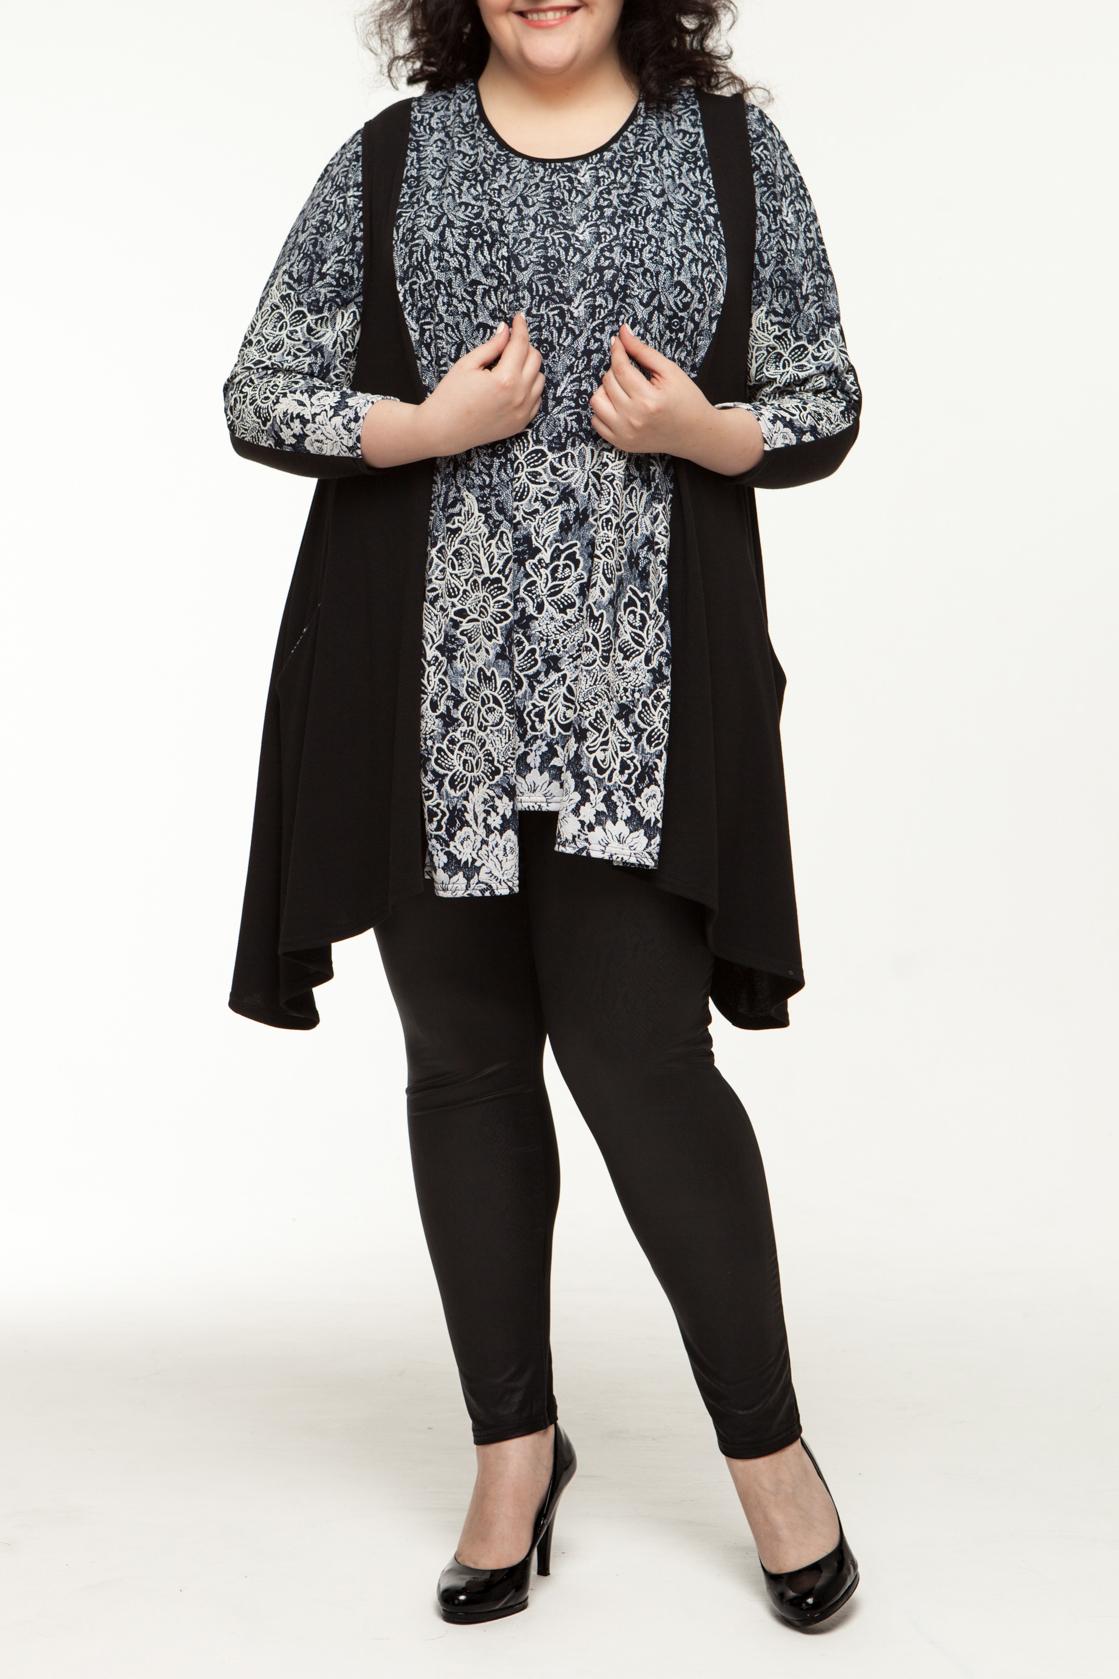 БлузкаТуники<br>Модель состоит из туники с круглым вырезом горловины, рукав 3/4 и кардигана с карманами. Кардиган декорирован черно-белым принтом, что создает красивое сочетание и прекрасно дополняет образ.  Длина изделия: низ 78 см, верх 83 см  В изделии использованы цвета: черный, синий, белый  Рост девушки-фотомодели 170 см.<br><br>Горловина: С- горловина<br>По материалу: Трикотаж<br>По образу: Город,Свидание<br>По рисунку: Растительные мотивы,С принтом,Цветные,Цветочные<br>По силуэту: Свободные<br>По стилю: Повседневный стиль<br>Рукав: Длинный рукав<br>По сезону: Зима<br>Размер : 54,56,58,60,62,64<br>Материал: Трикотаж<br>Количество в наличии: 8